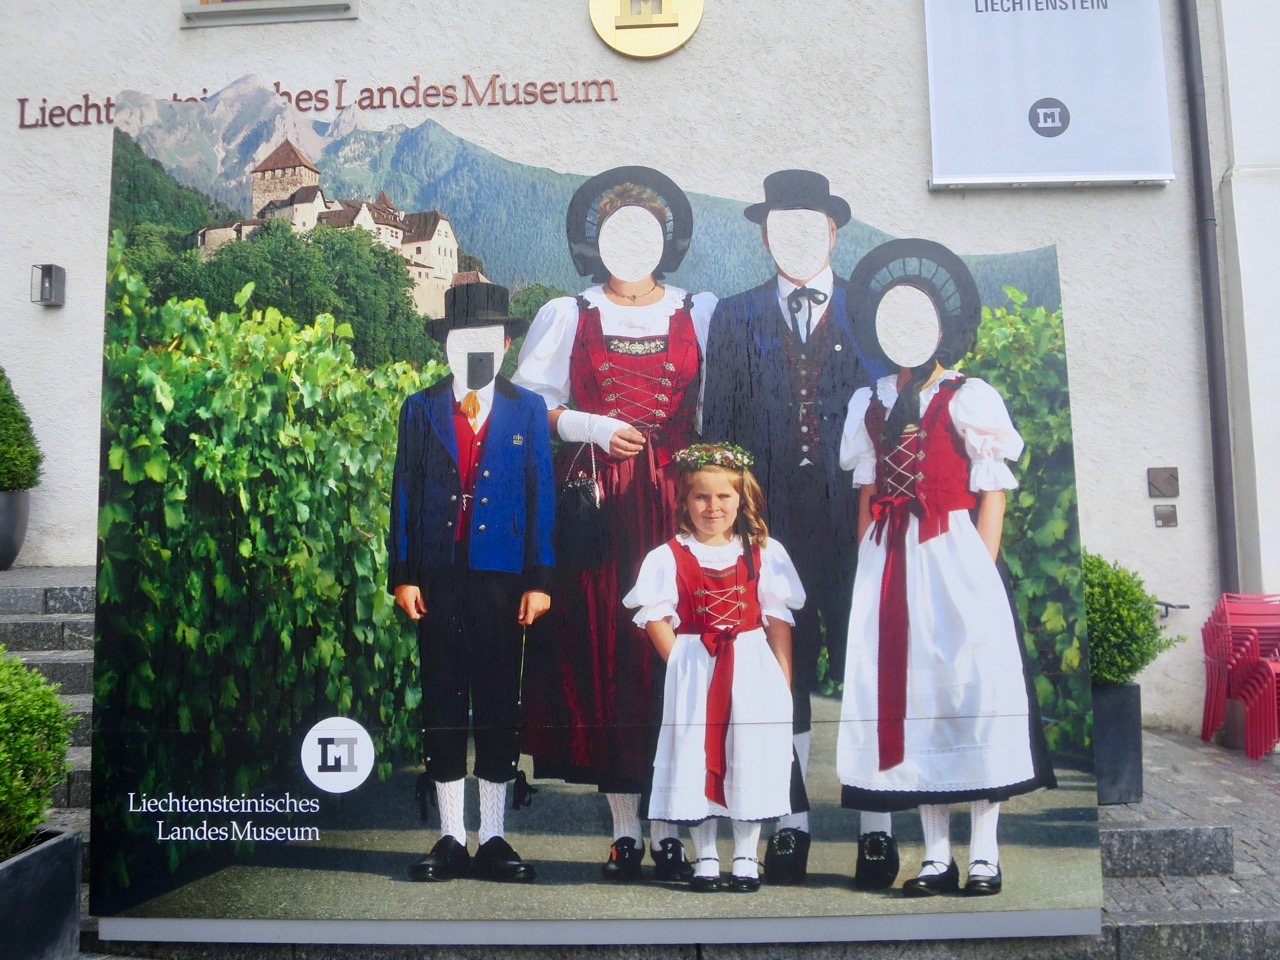 Liechtenstein 1 19